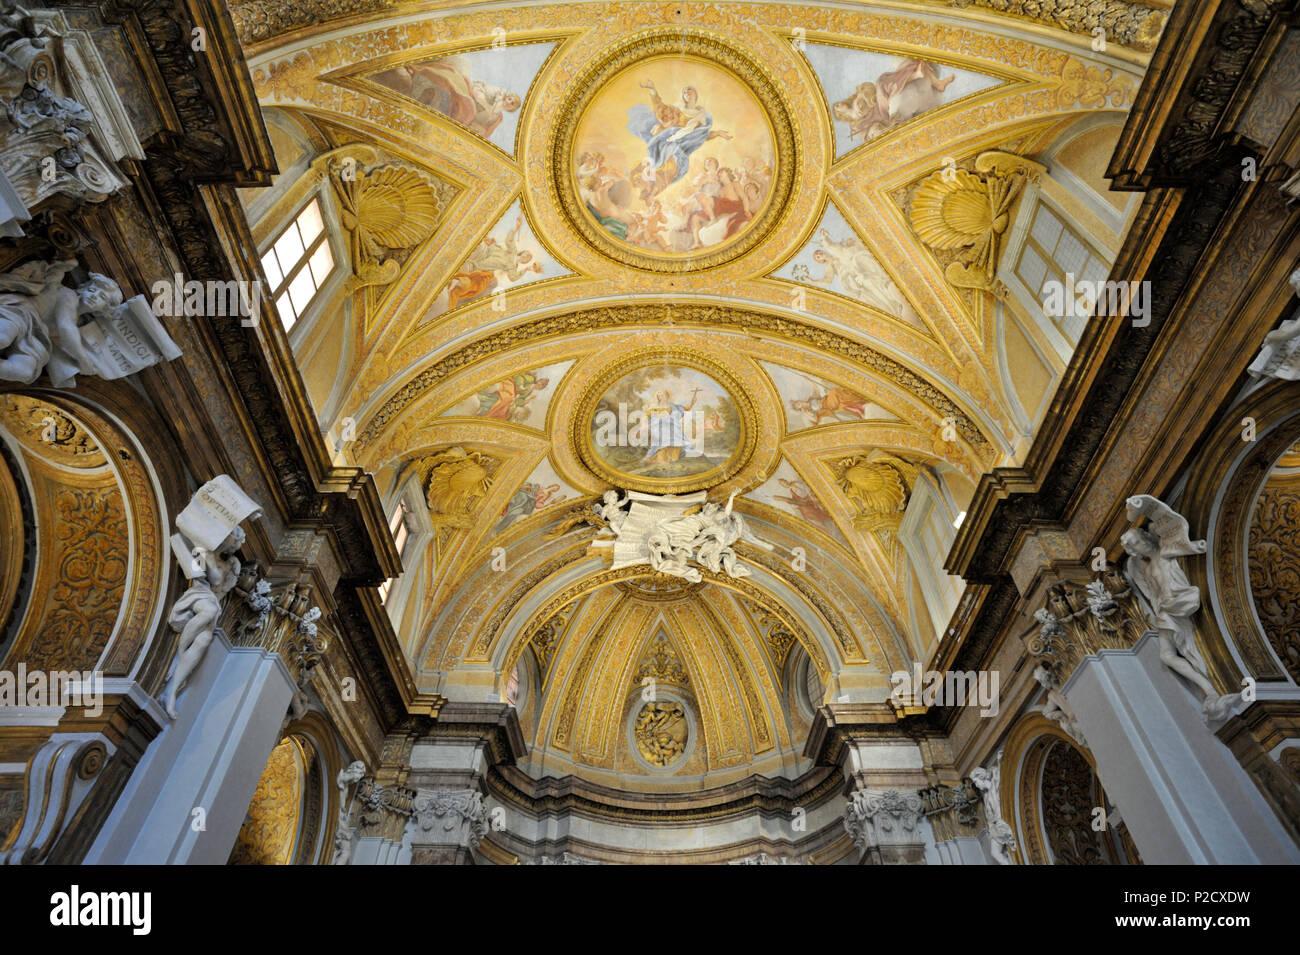 ceiling frescos by Giovanni Battista Gaulli, also known as Baciccio, deconsecrated church of Santa Marta al Collegio Romano (17th century) Rome, Italy - Stock Image